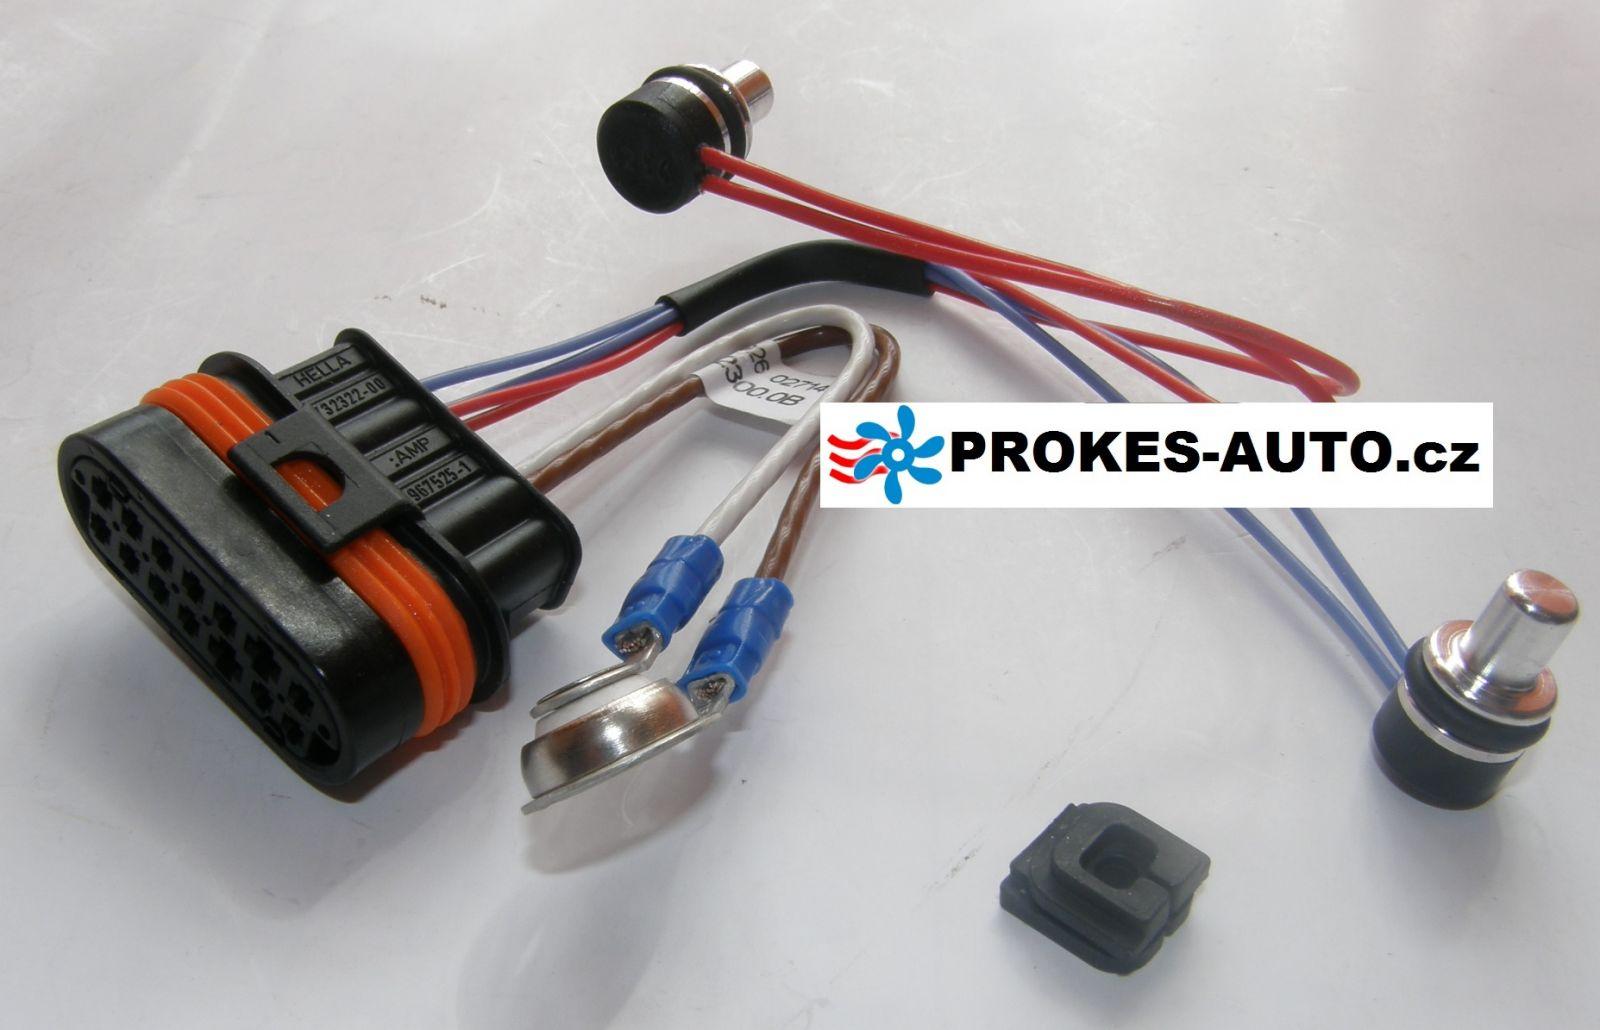 Svazek kabelů s čidlem pro D5WZ / D3WZ 251922012000 / 251922012100 / 251922012300 Eberspächer